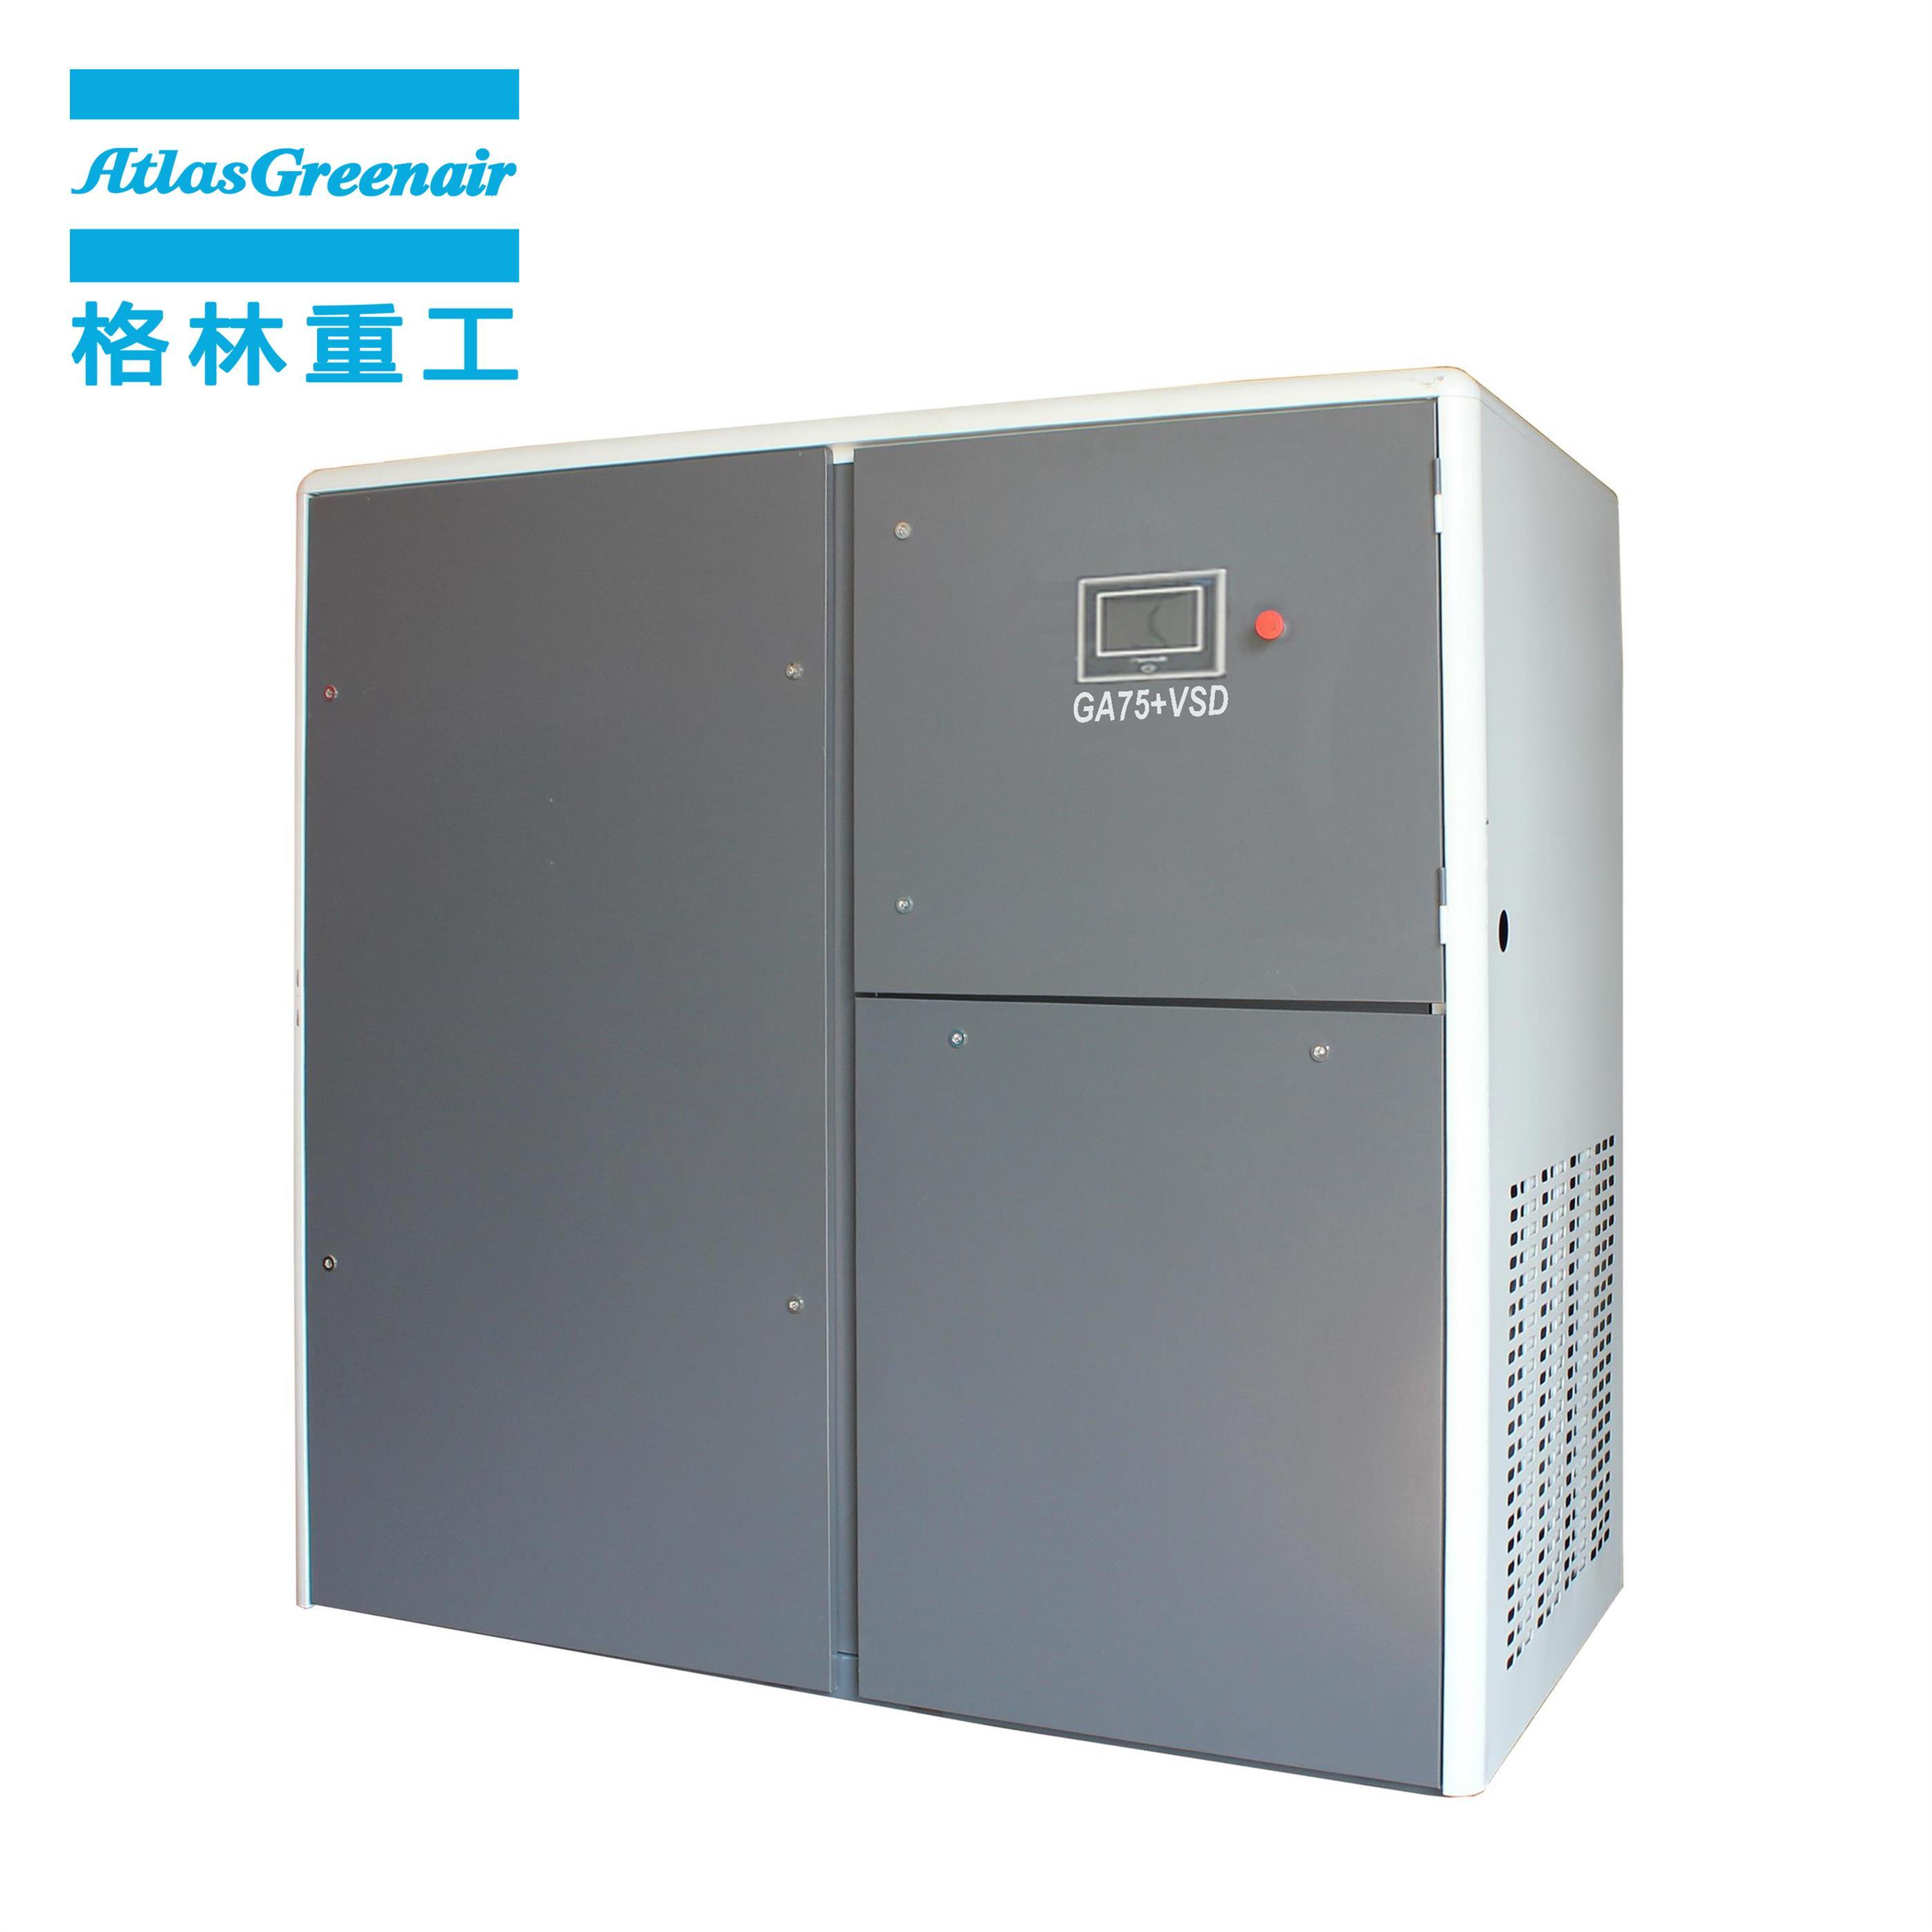 Atlas Greenair Screw Air Compressor variable speed air compressor factory for tropical area-2